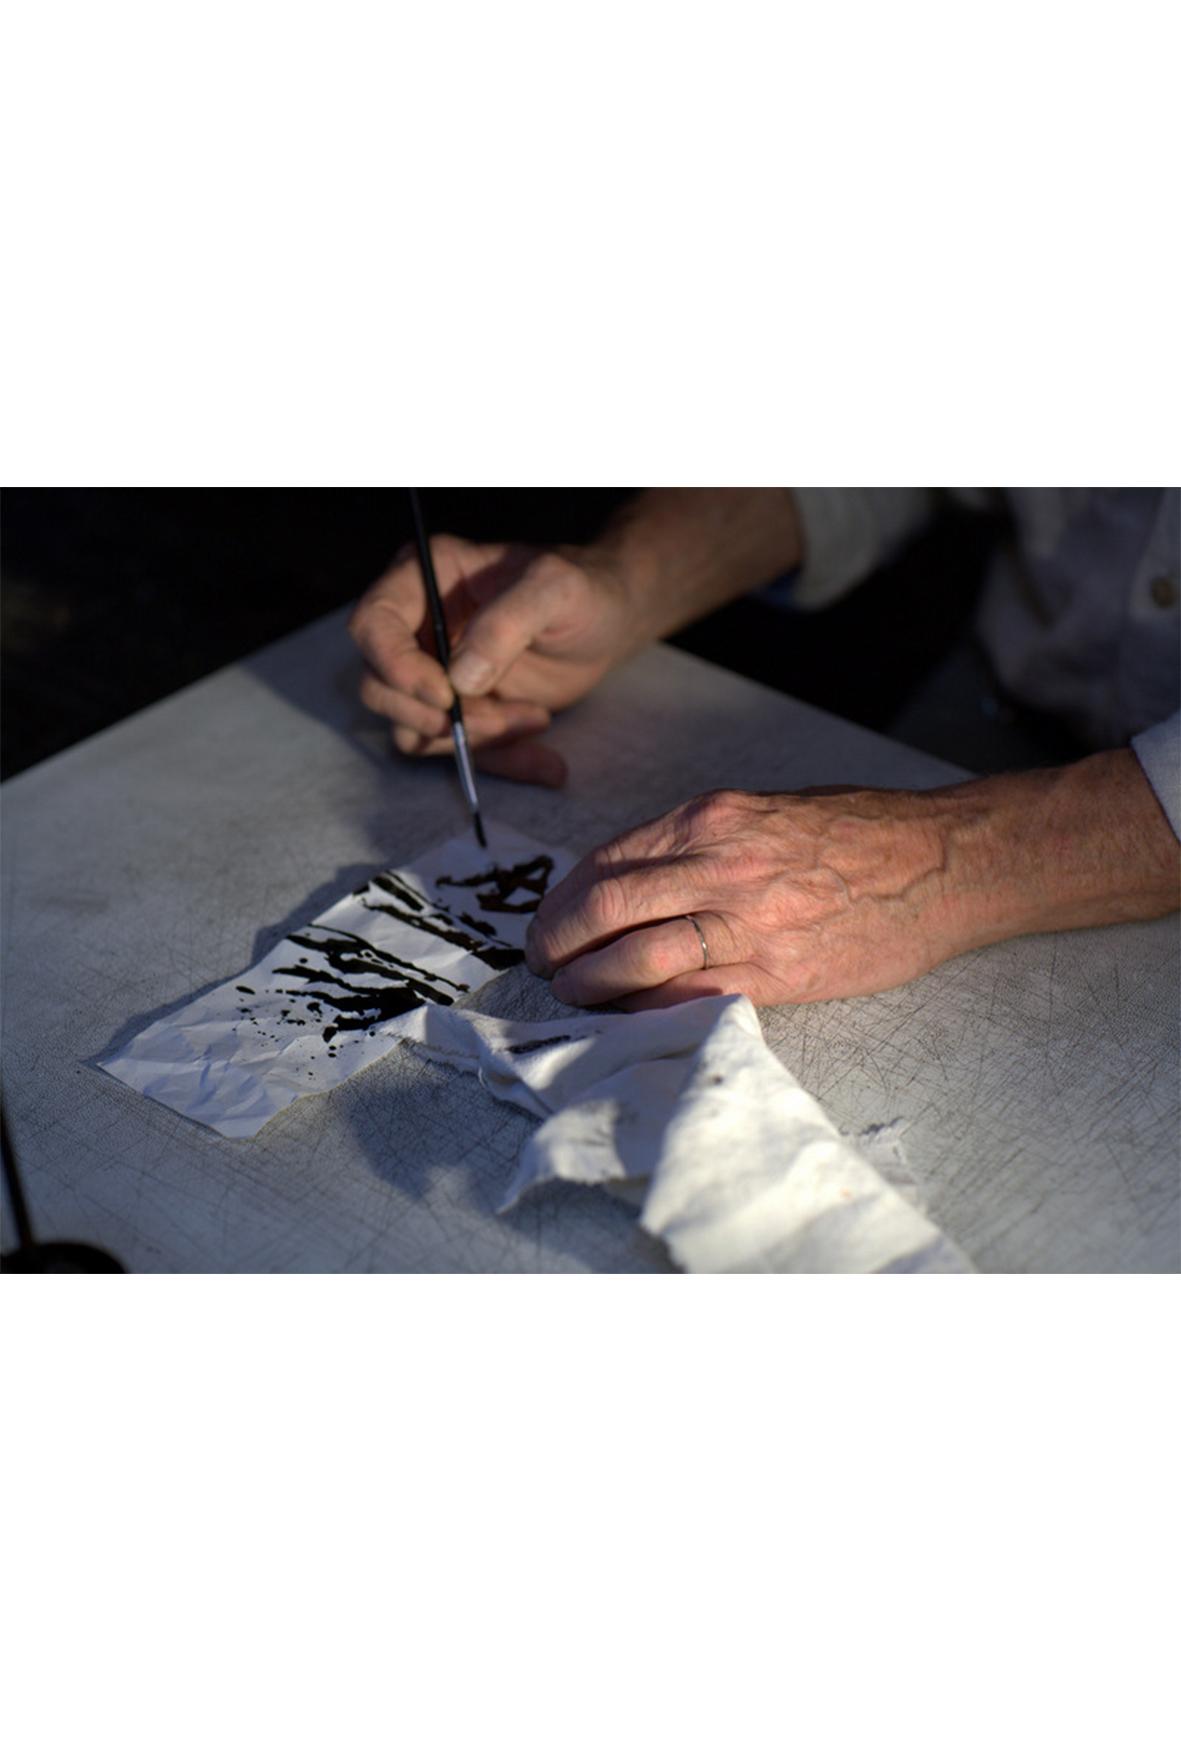 marcel robelin au travail, galerie d'art lyon, art contemporain lyon, galerie Lyon